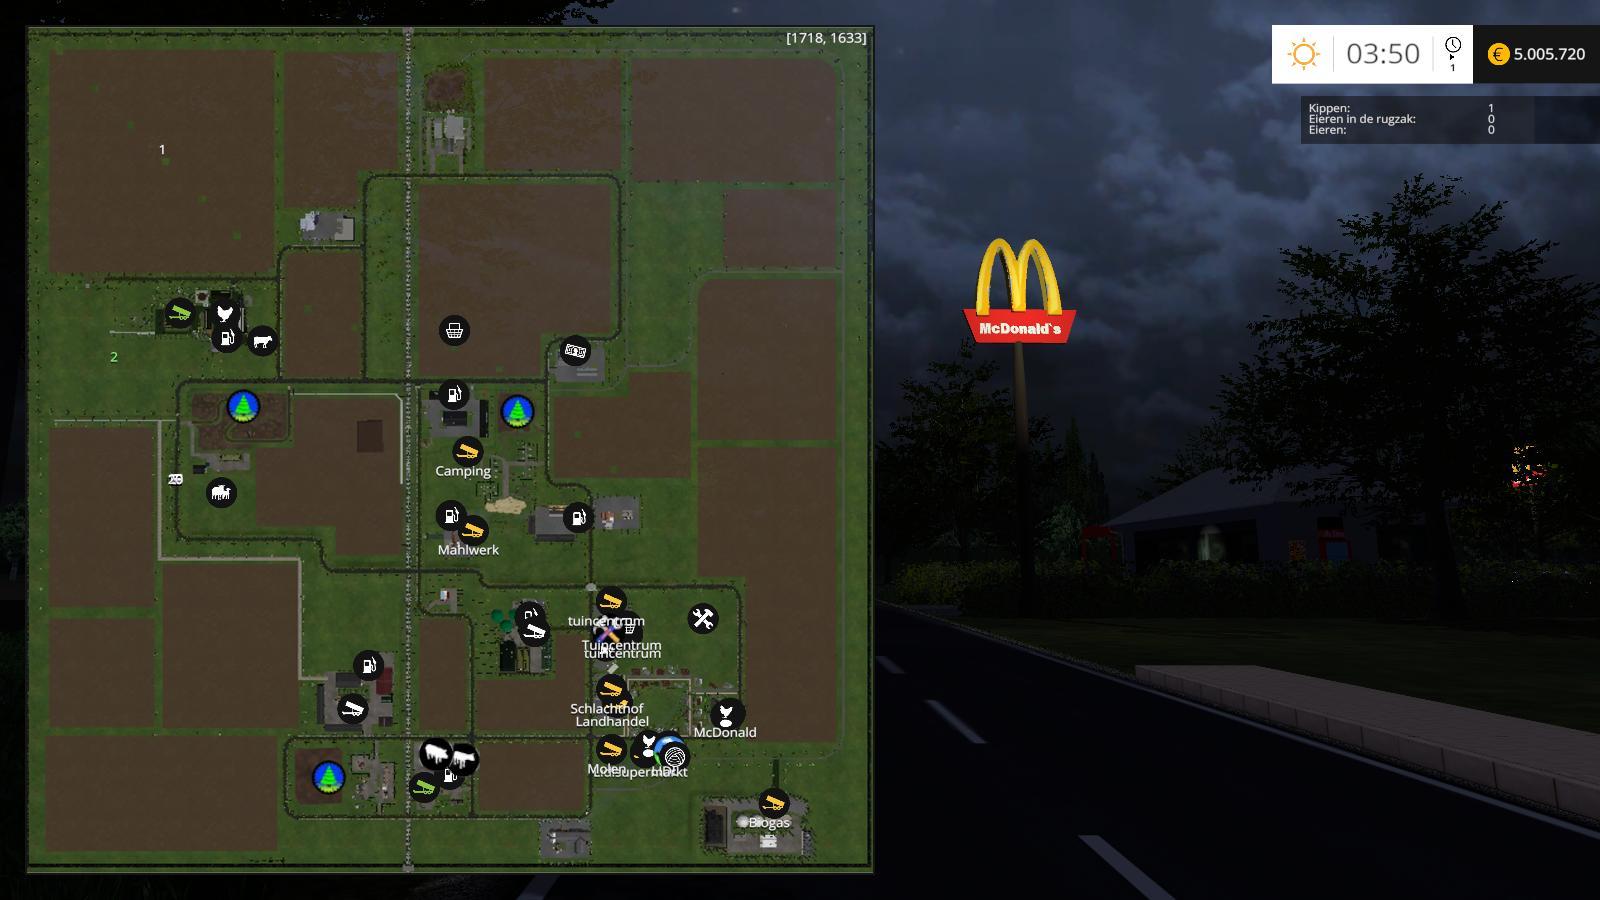 FARM PLACE V10 MAP FARM PLACE V10 MAP